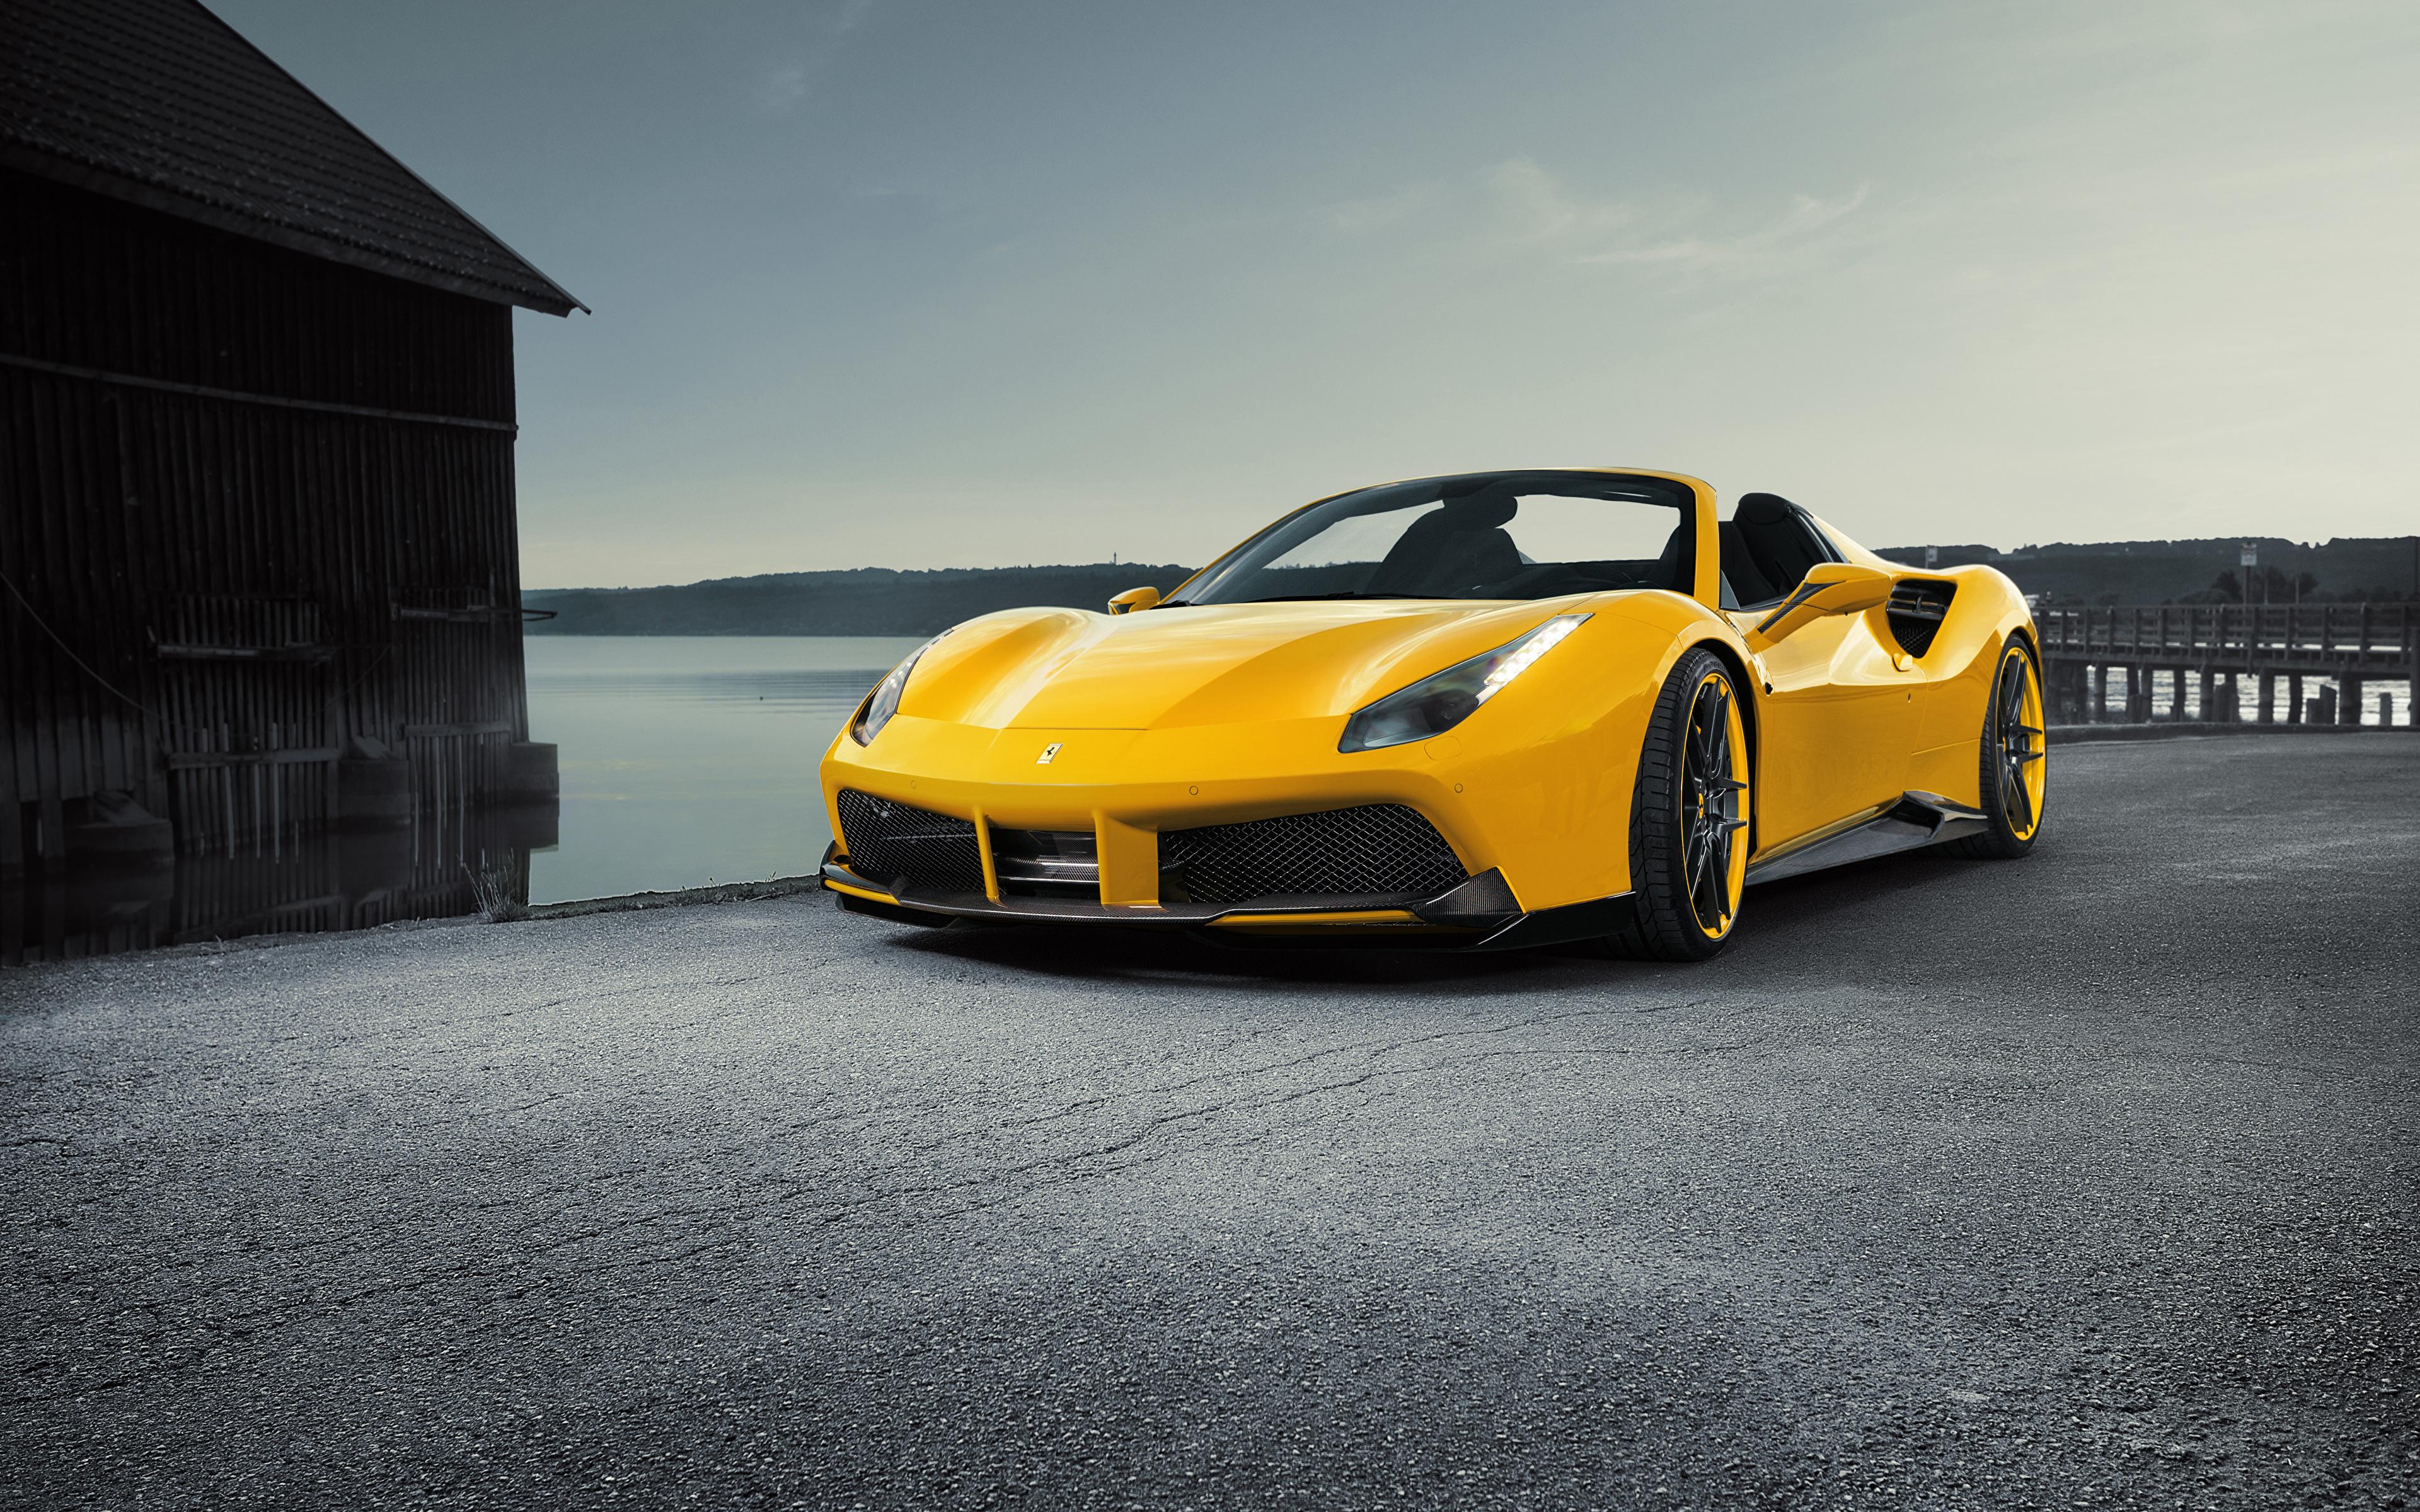 Фотография Ferrari Spider Rosso Novitec 488 Родстер желтая машина 3840x2400 Феррари желтых желтые Желтый авто машины автомобиль Автомобили